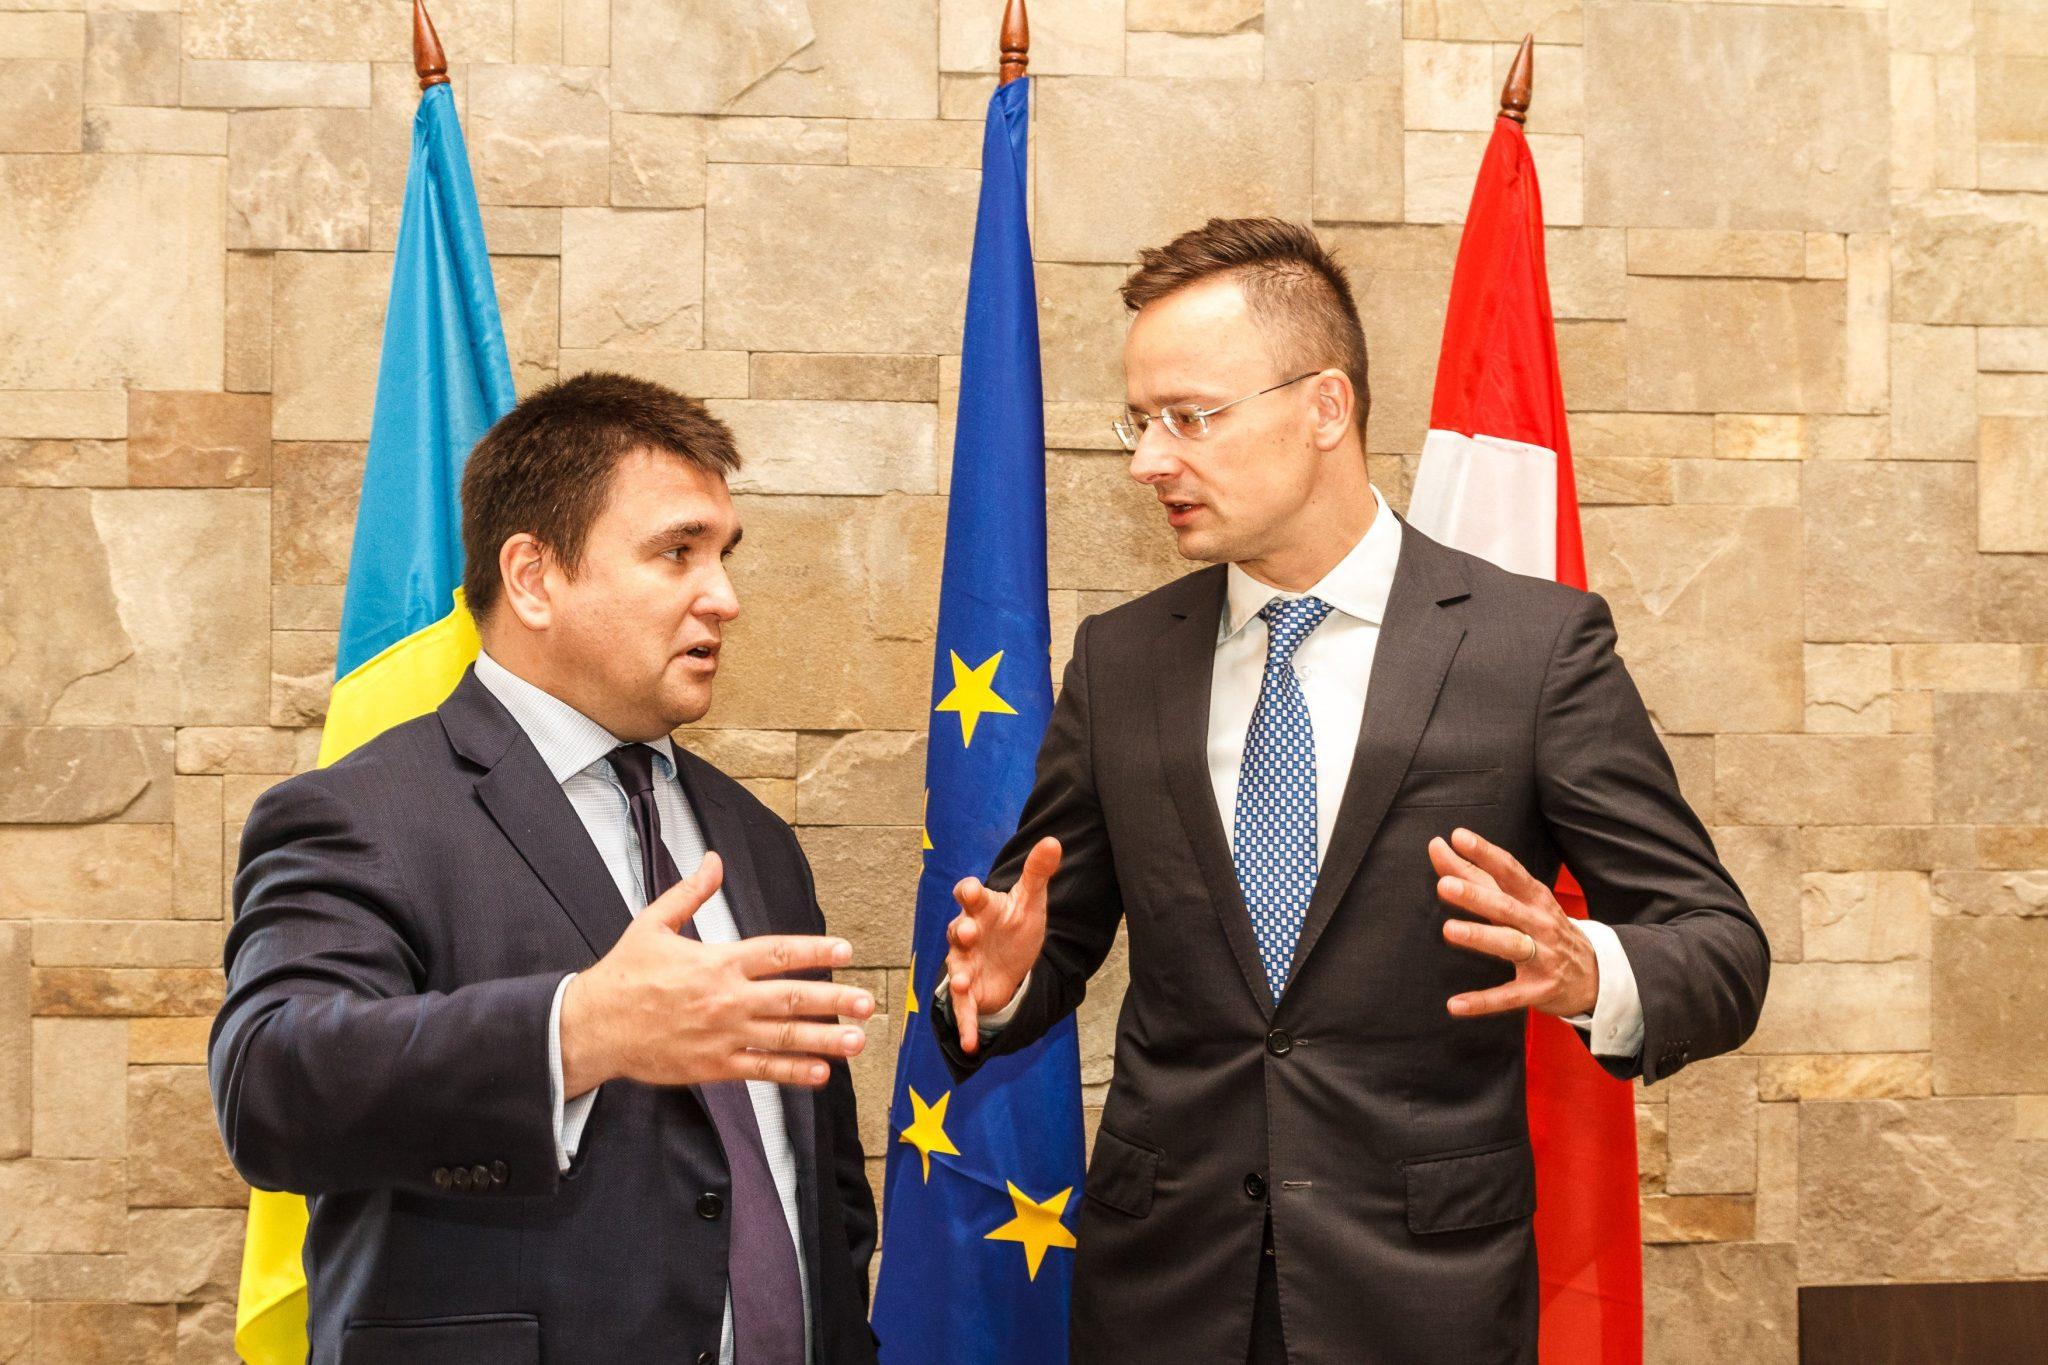 Hungary Expels Ukrainian Consul in Tit-For-Tat Retaliation post's picture